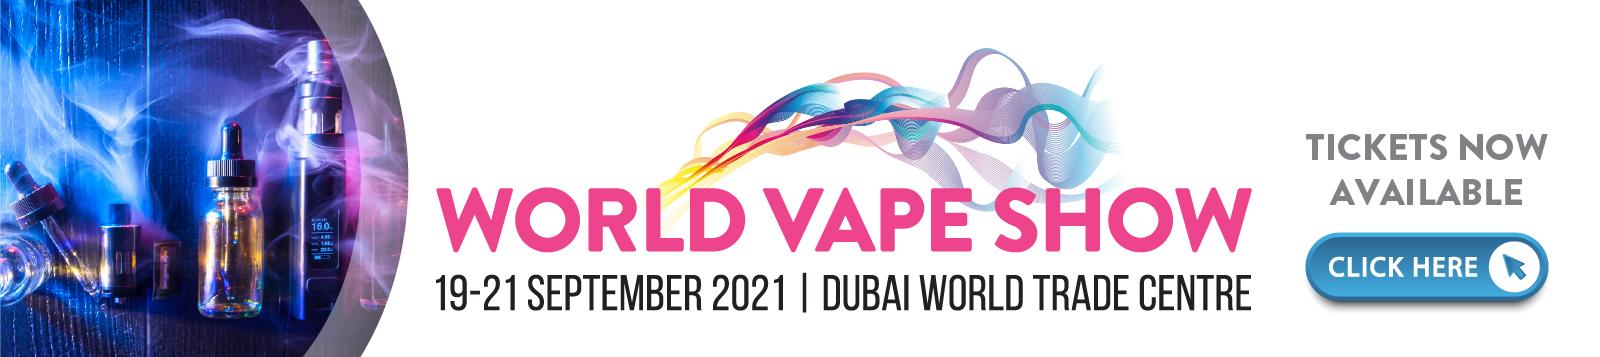 World-Vape-show-Baner